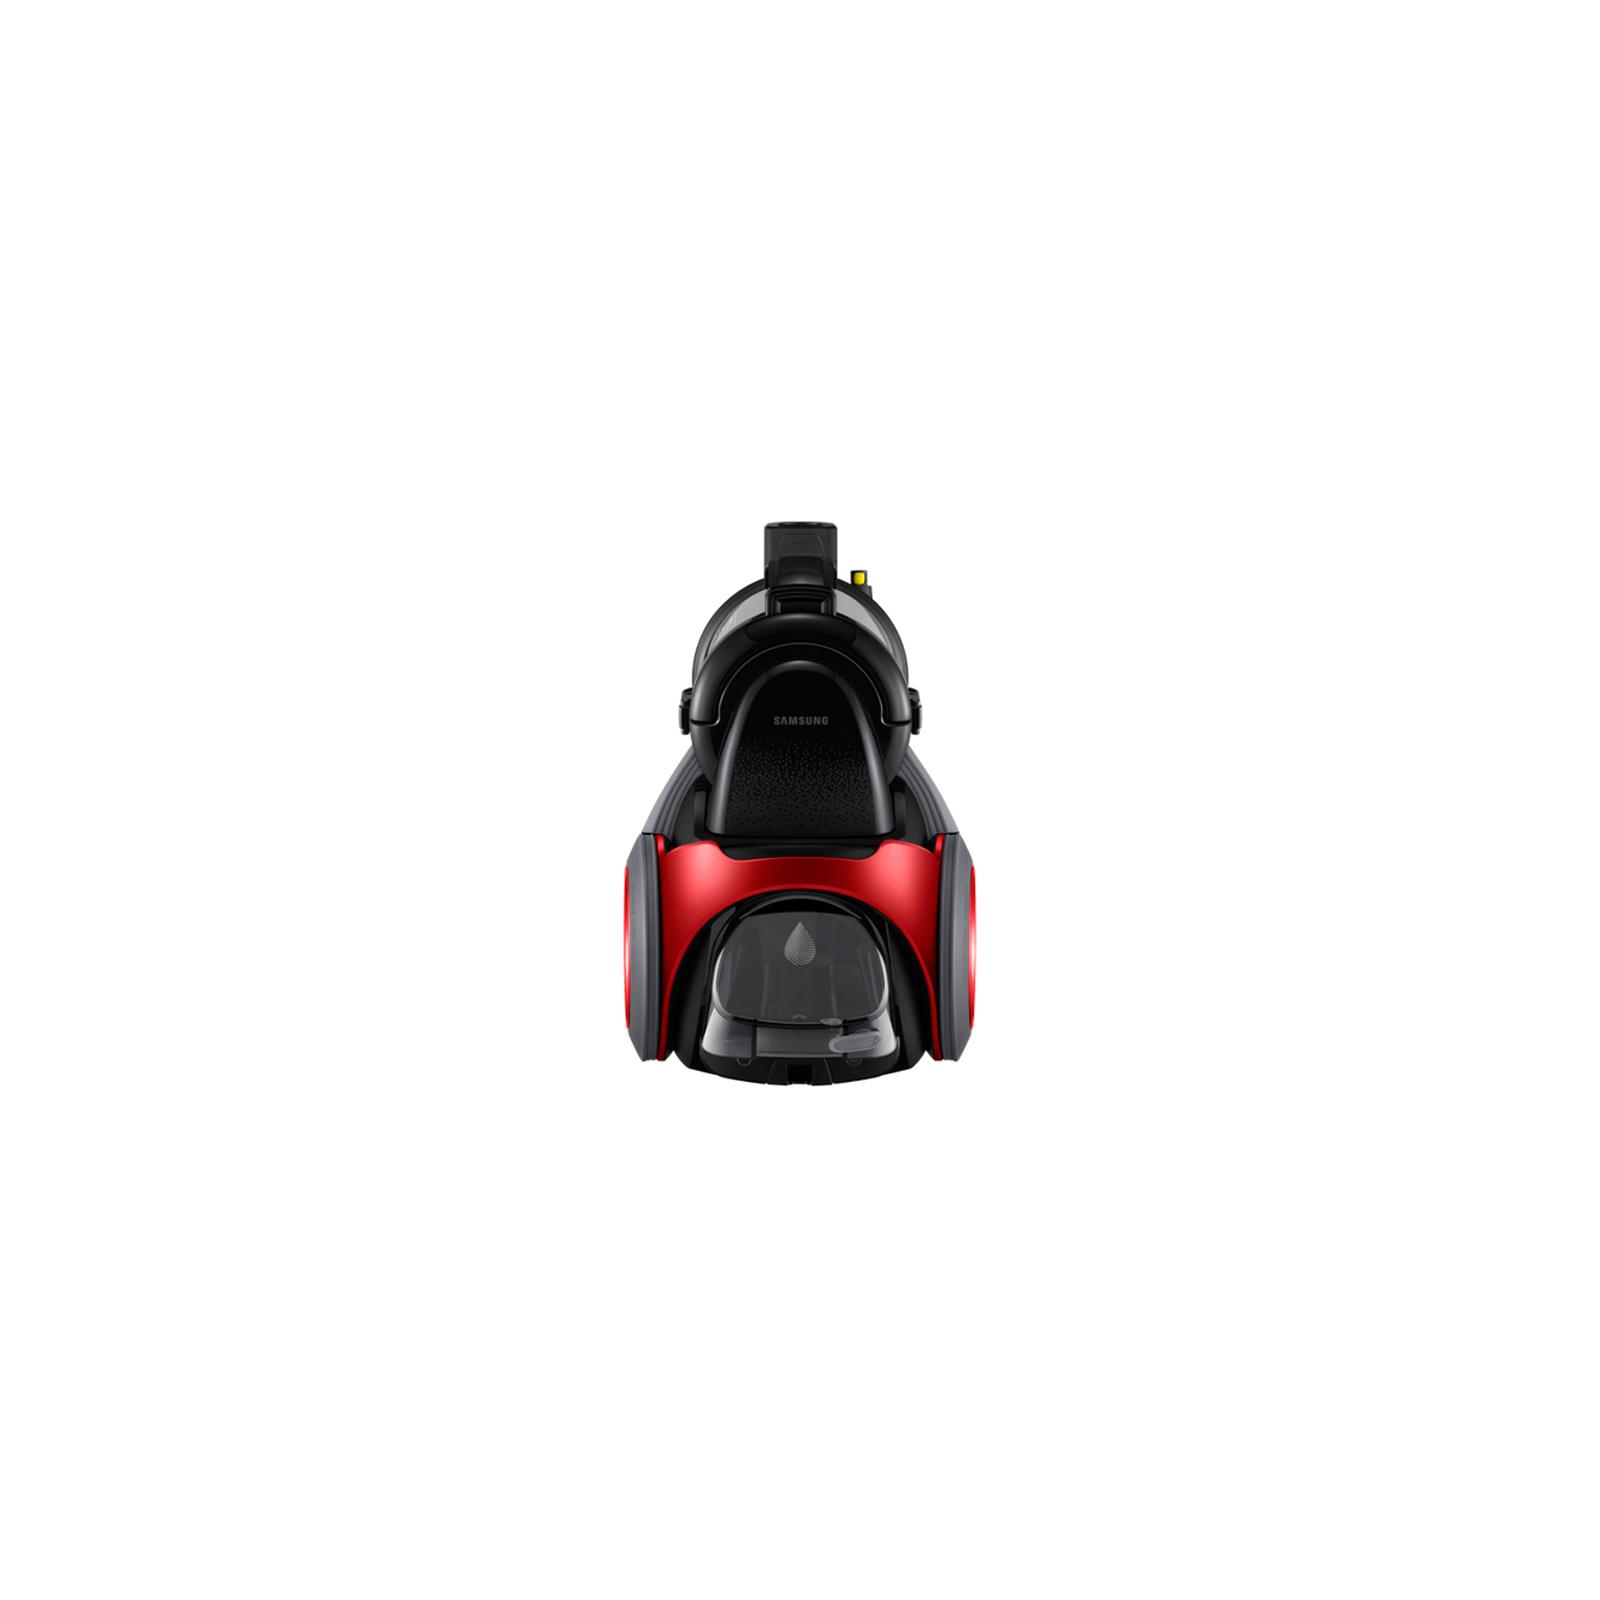 Пылесос Samsung VW17H9071HR/EV изображение 2